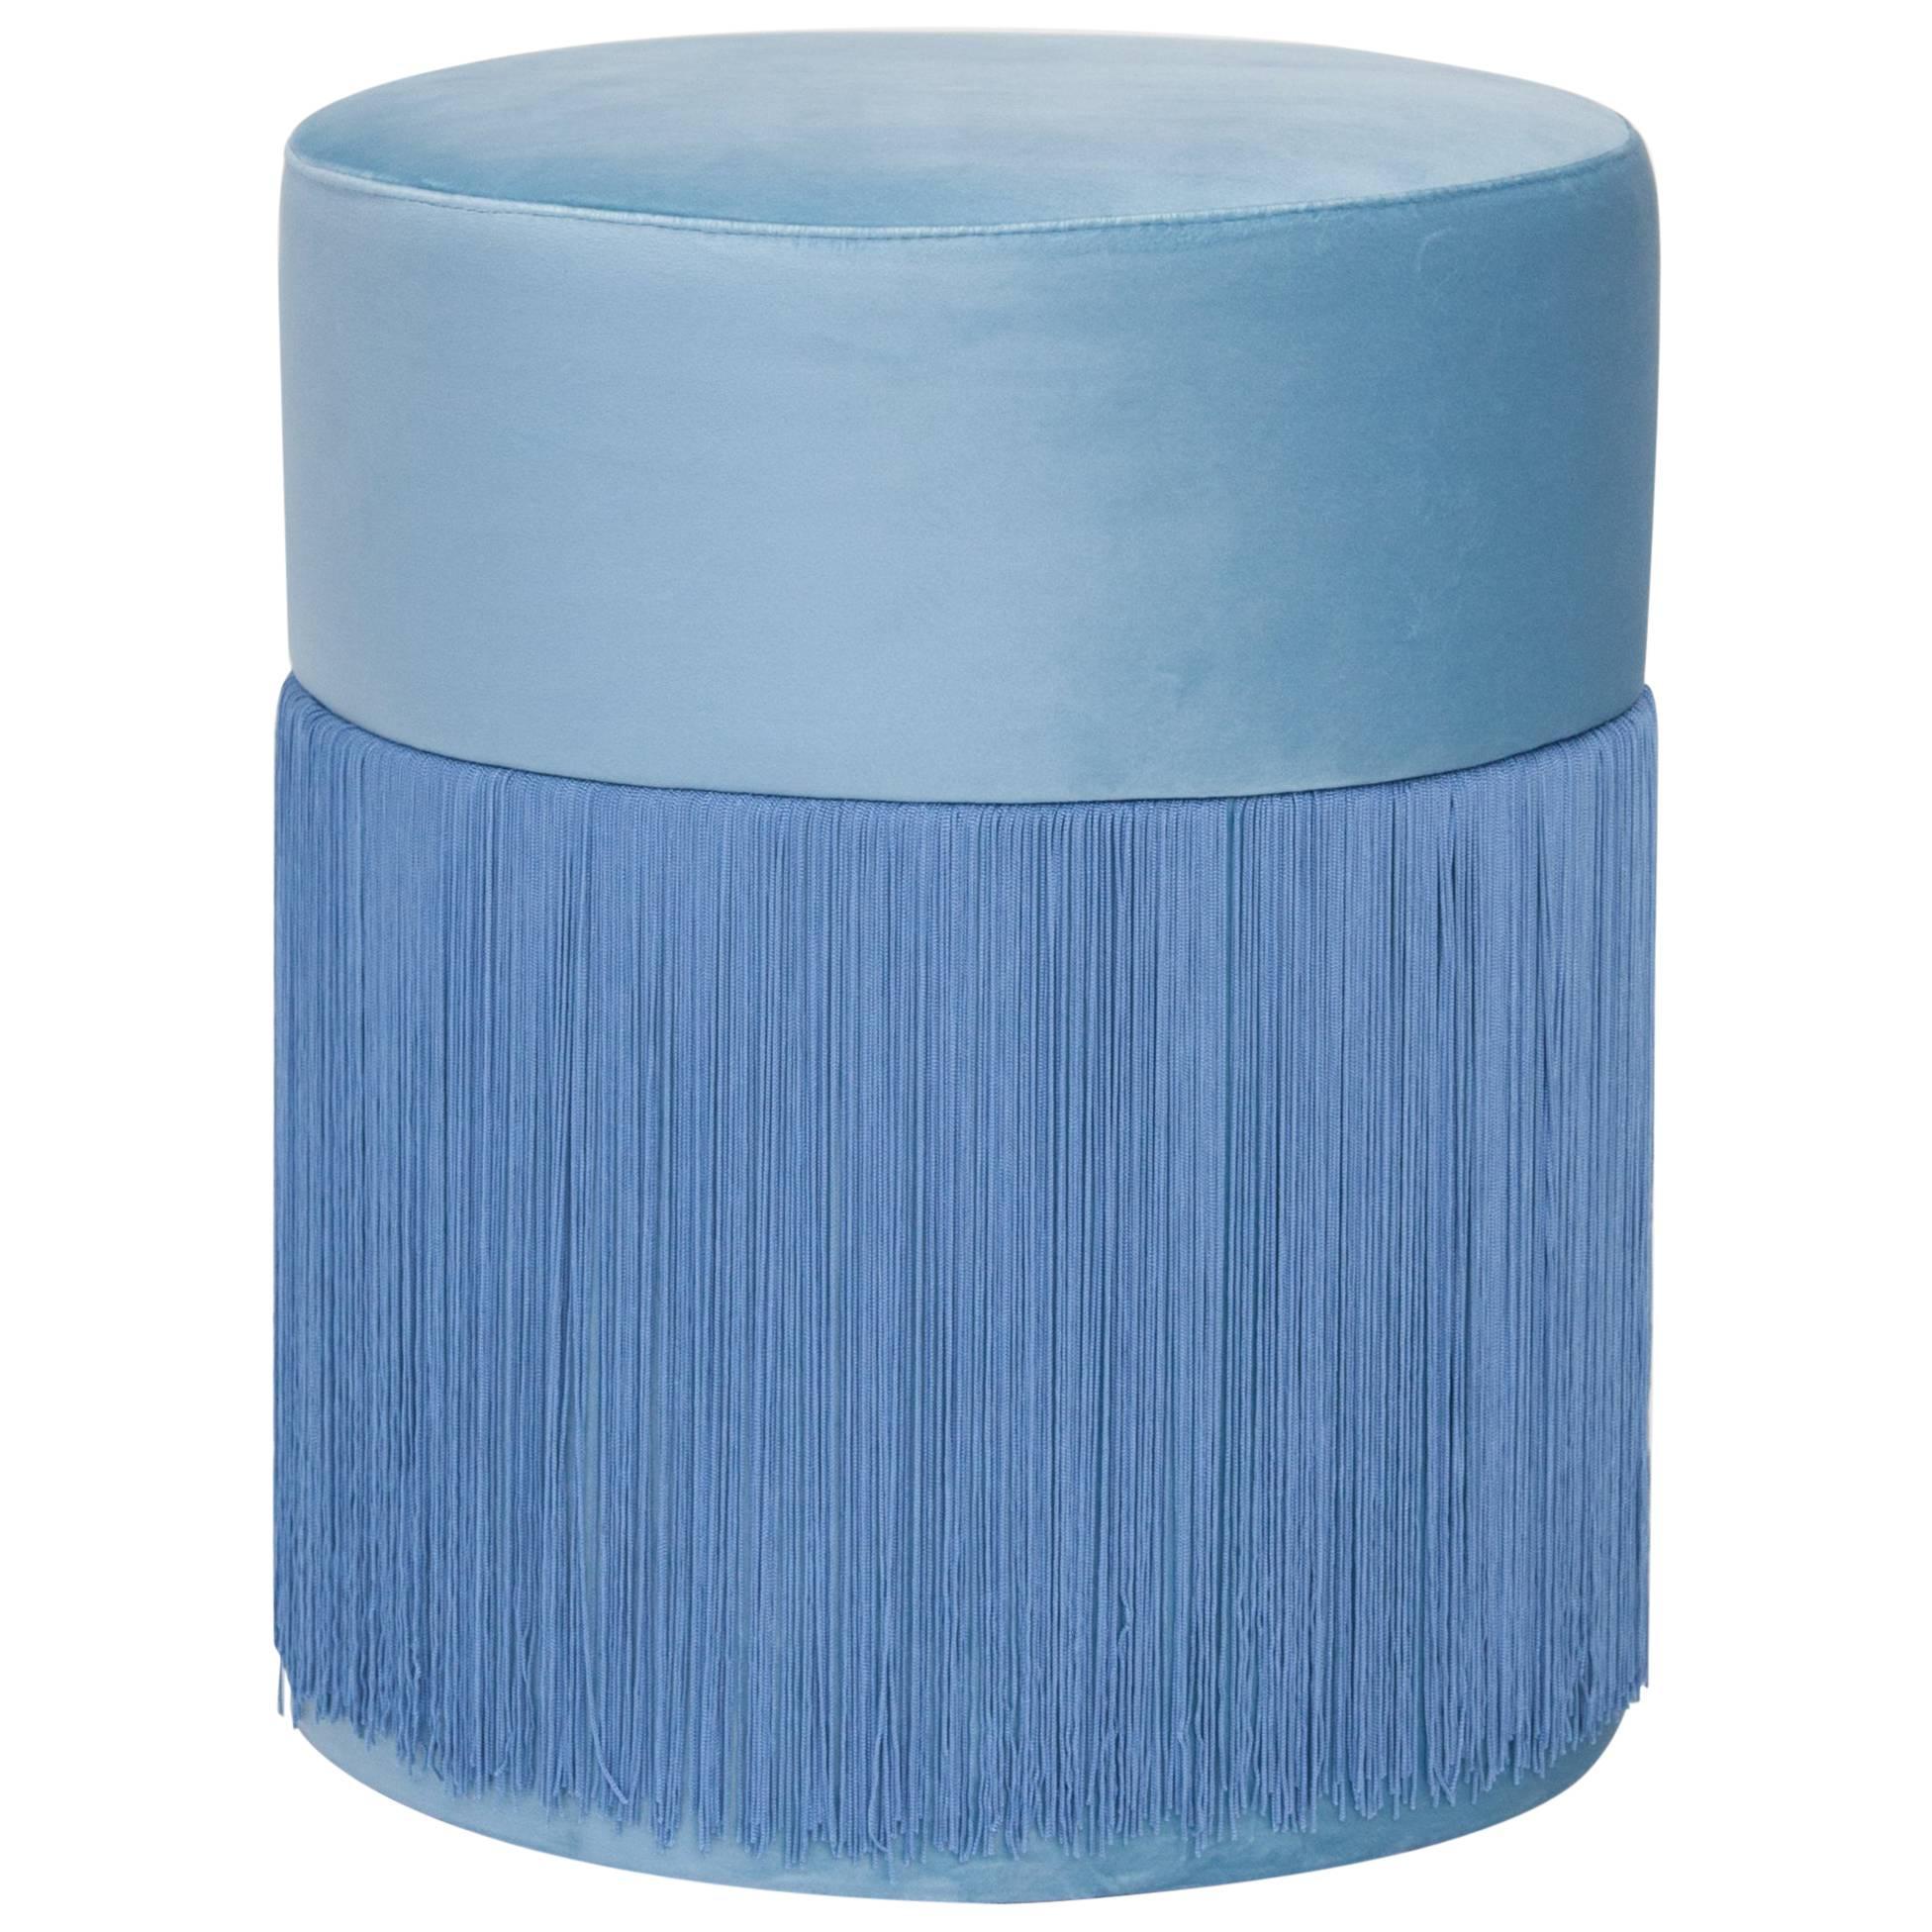 Pouf Pill Blue in Velvet Upholstery with Fringes